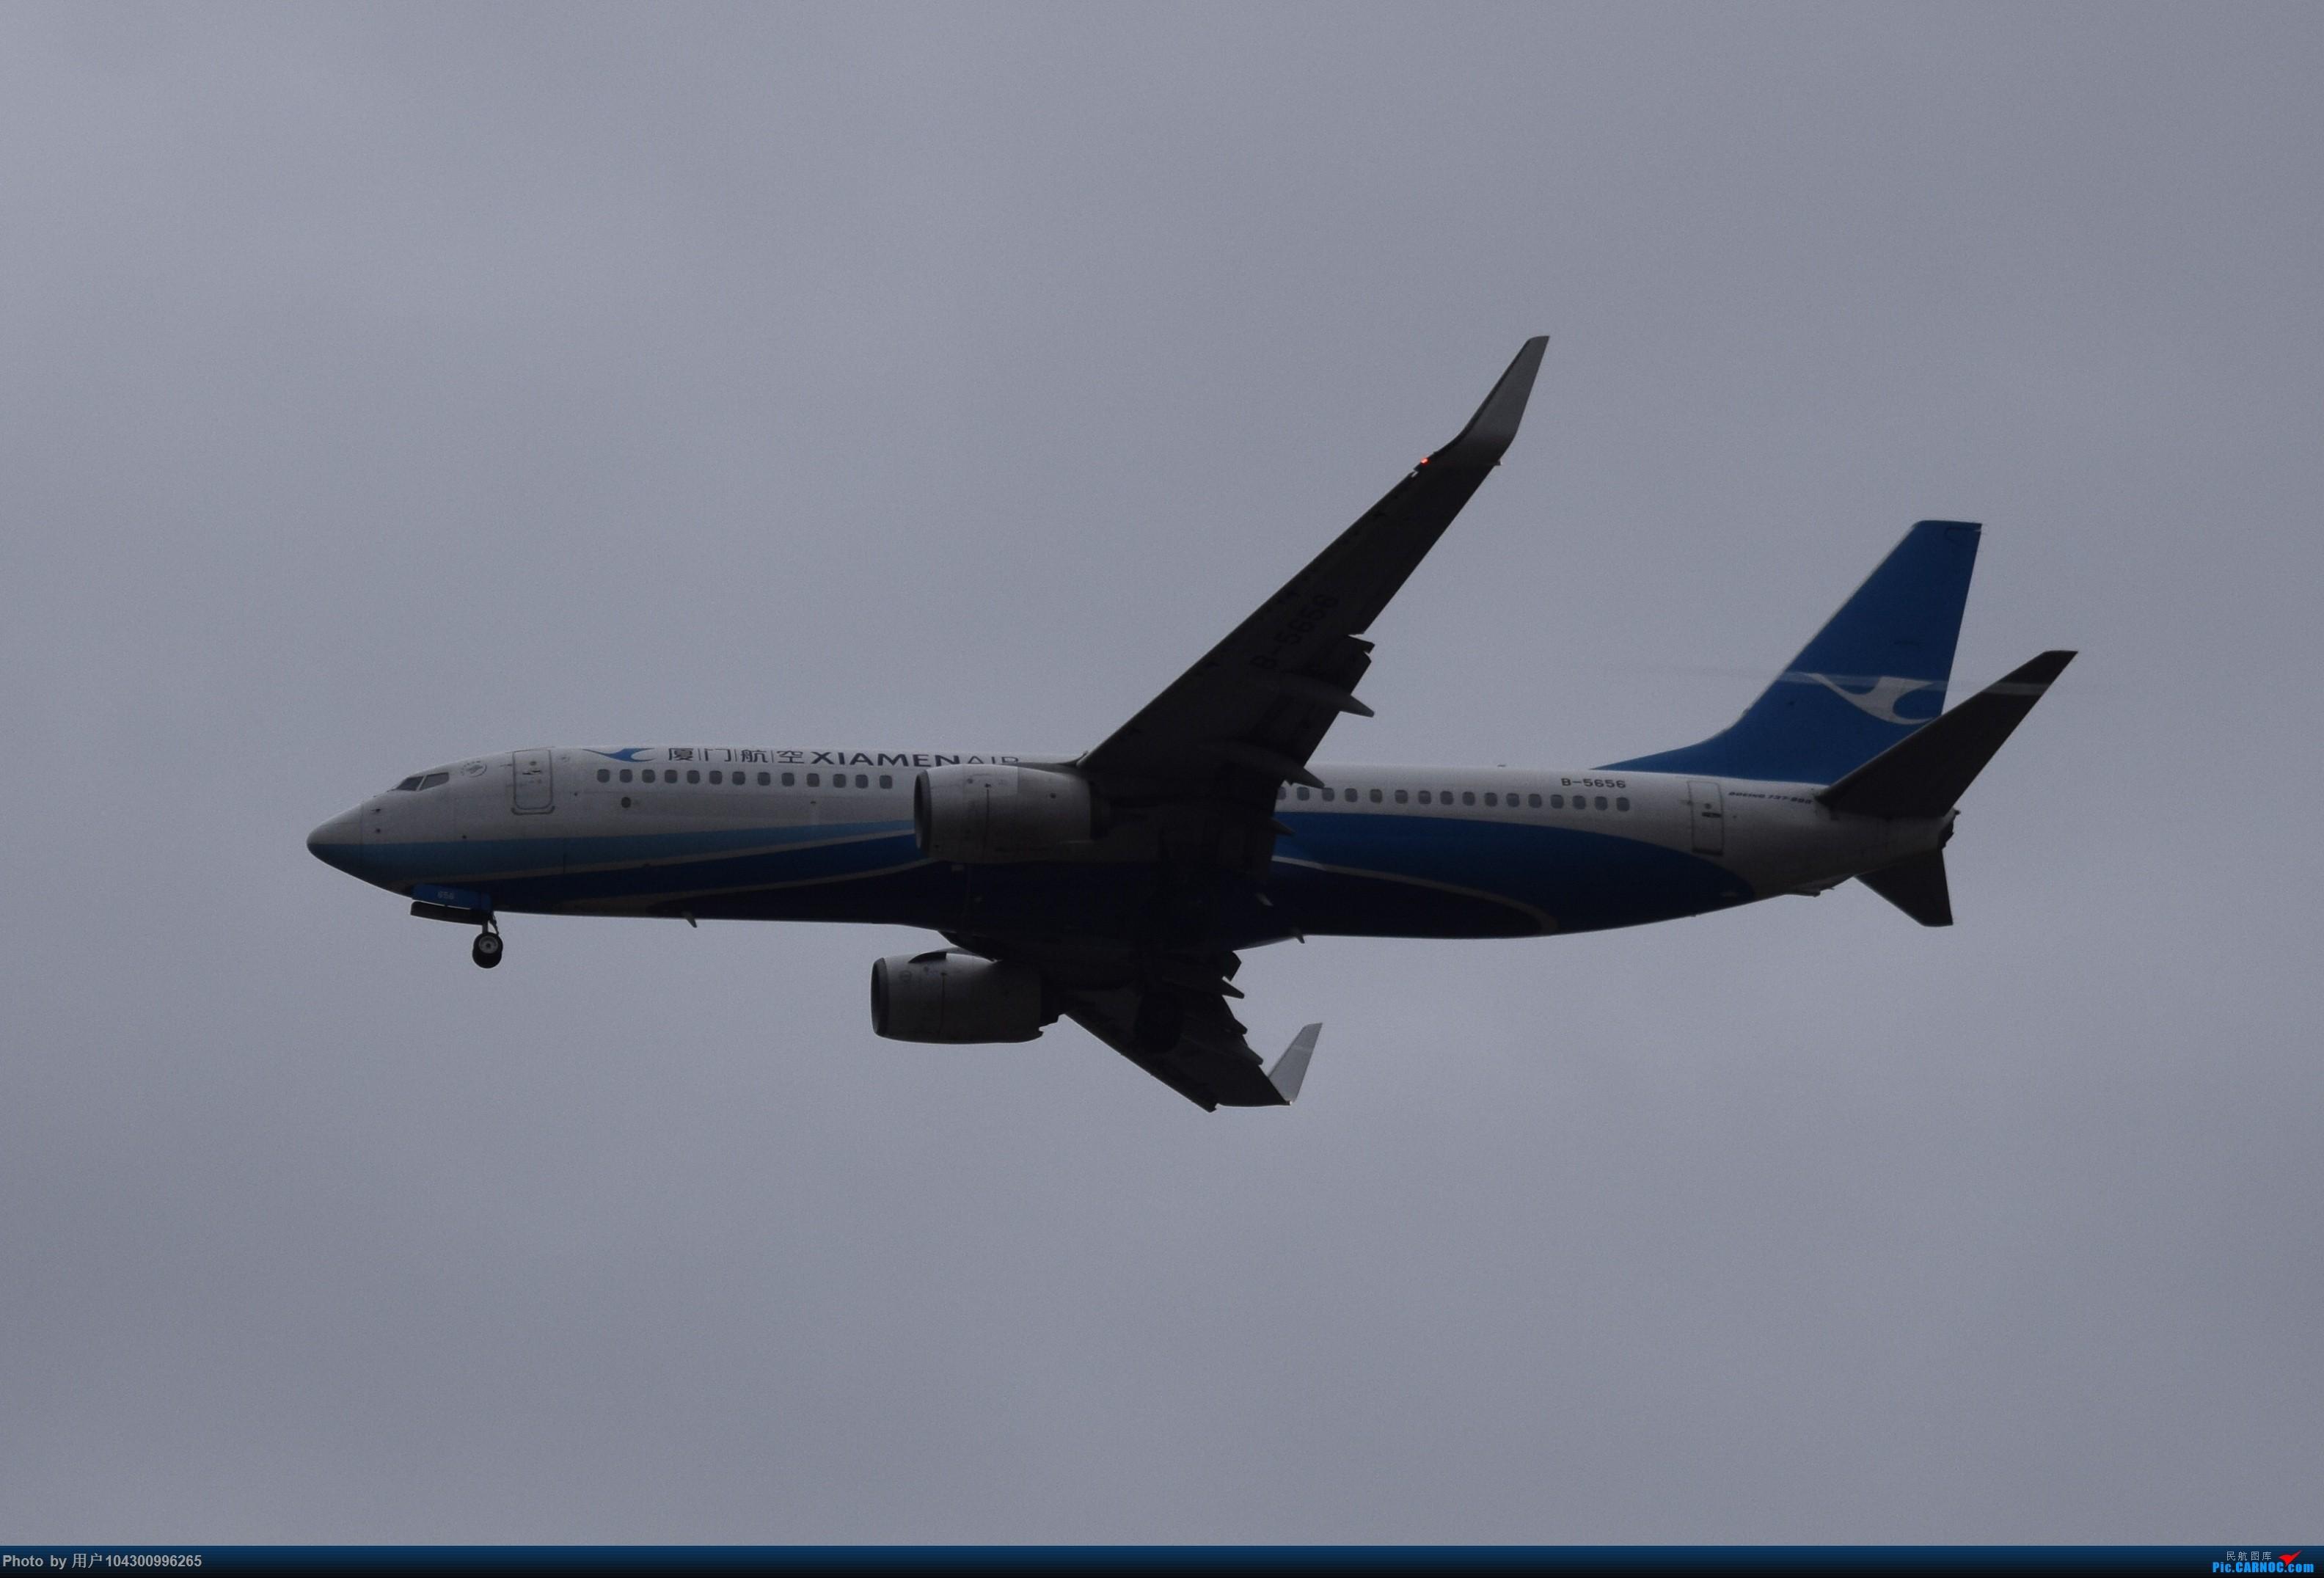 Re:[原创]乌云、雨雾之中的贵阳龙洞堡 BOEING 737-800 B-5656 中国贵阳龙洞堡国际机场